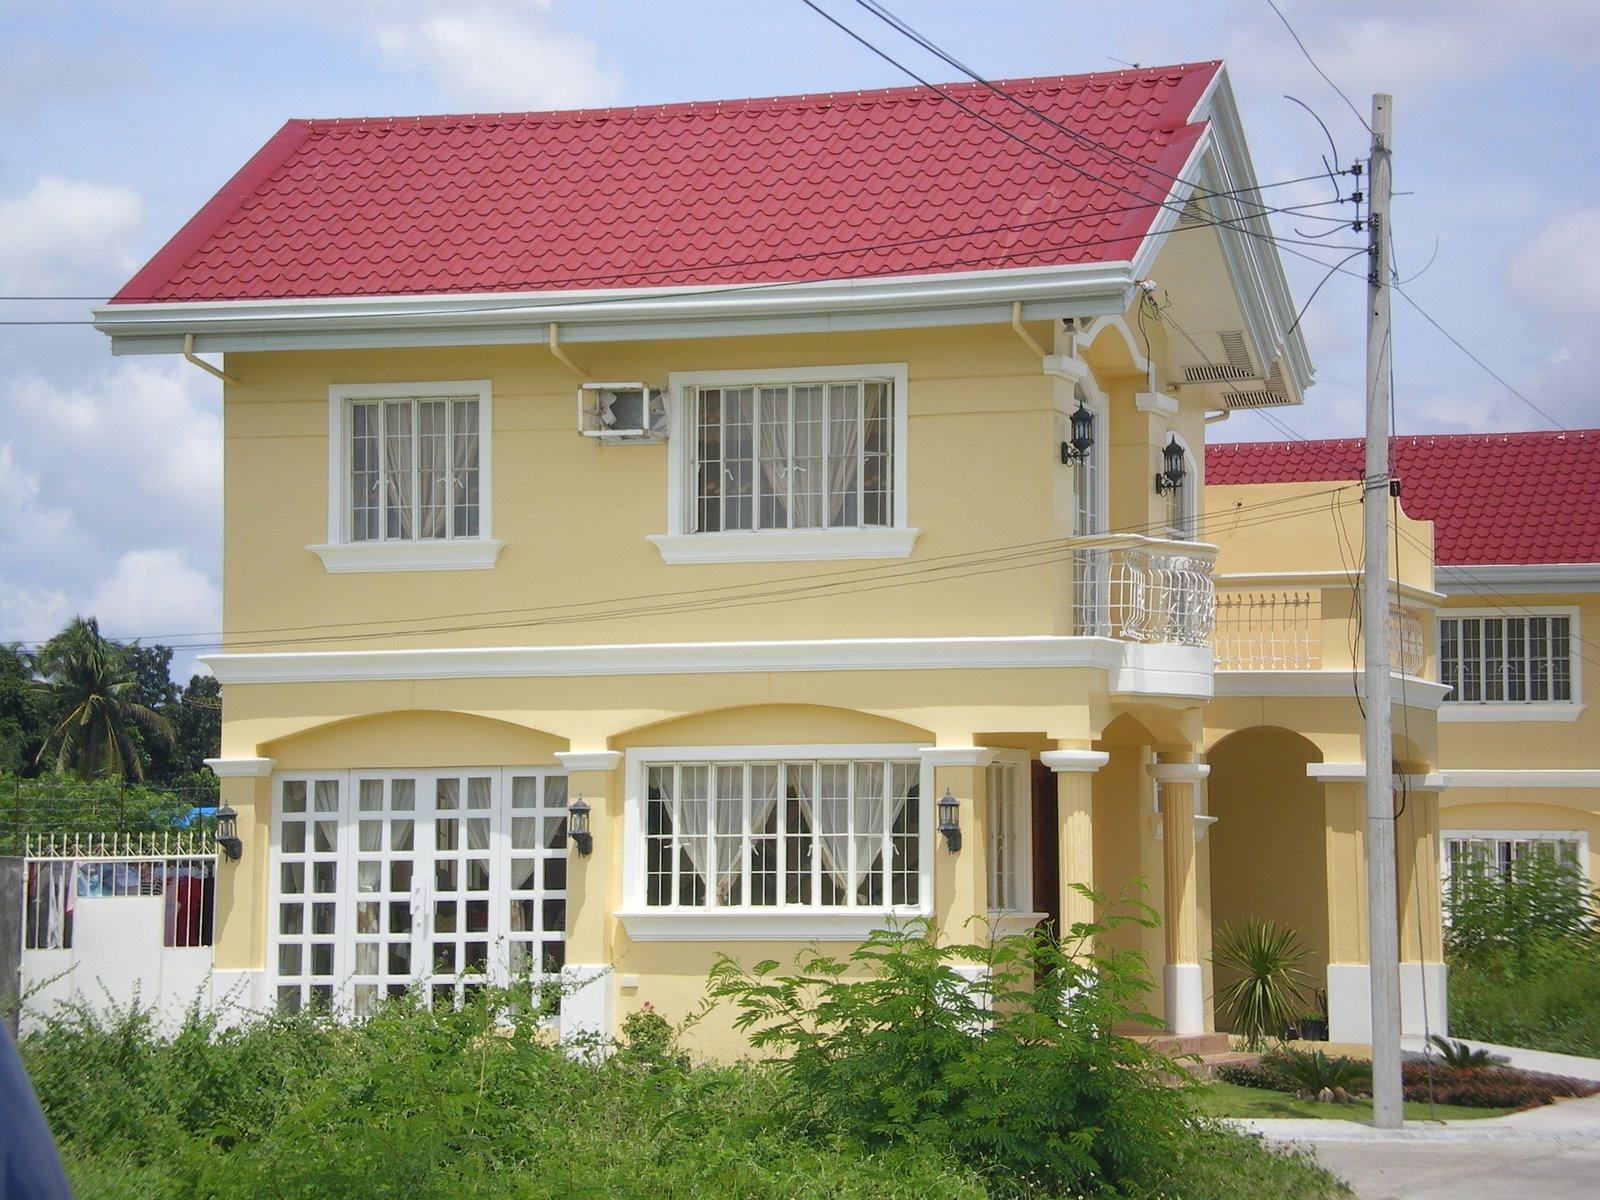 Centennial villas iloilo by eon realty and development corp in brgy sta cruz villa arevalo in iloilo city philippines erecre group realty